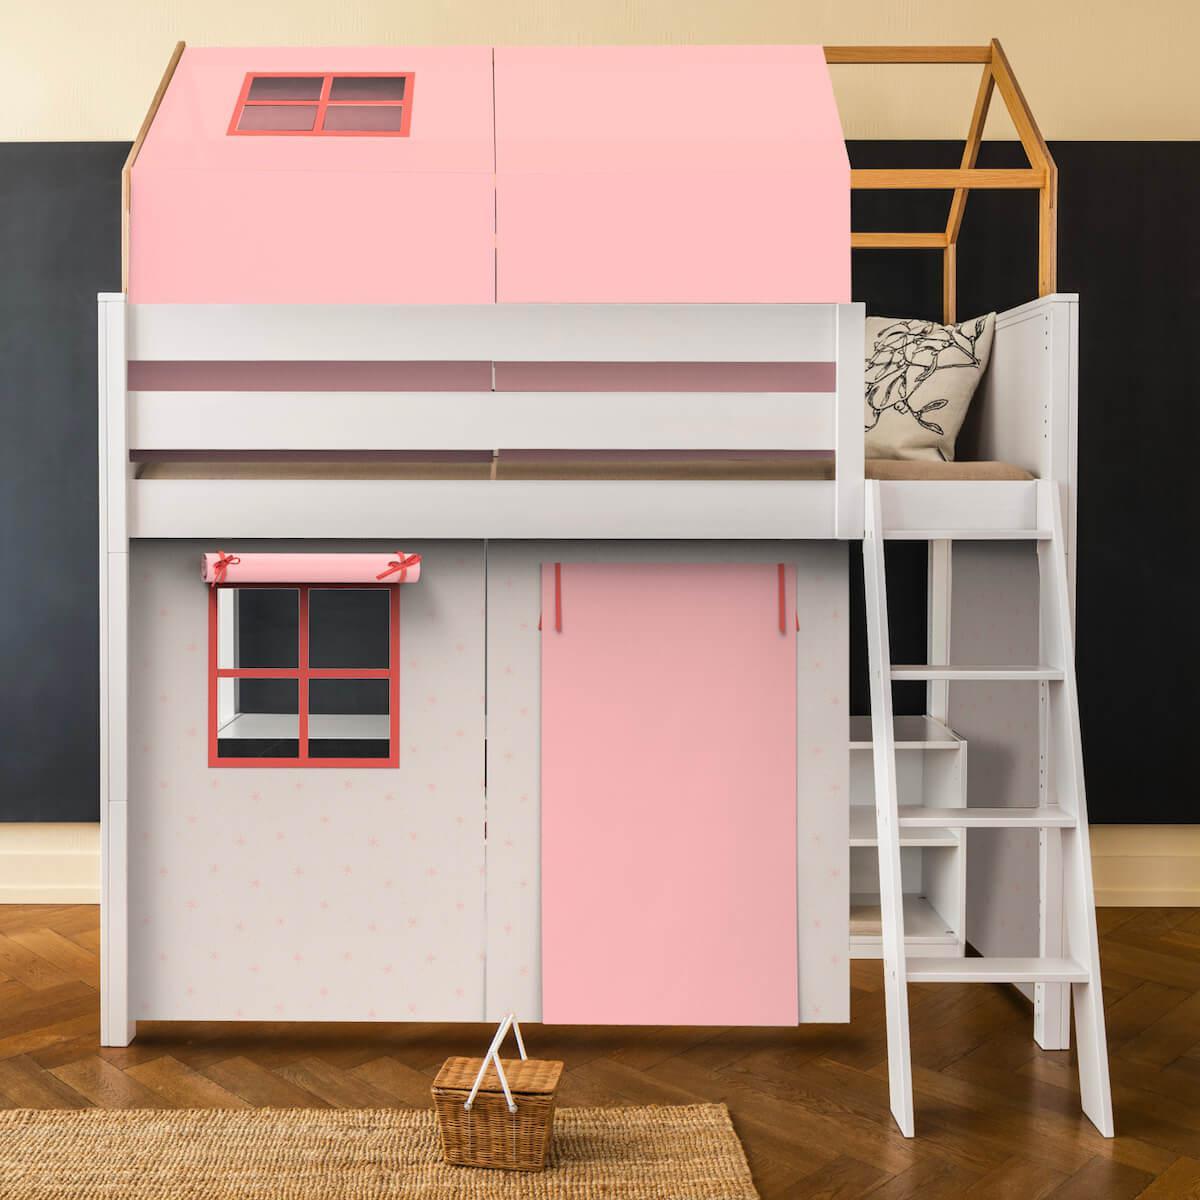 Hochbett-Dach hoch KASVA mit Textilien Viena pink